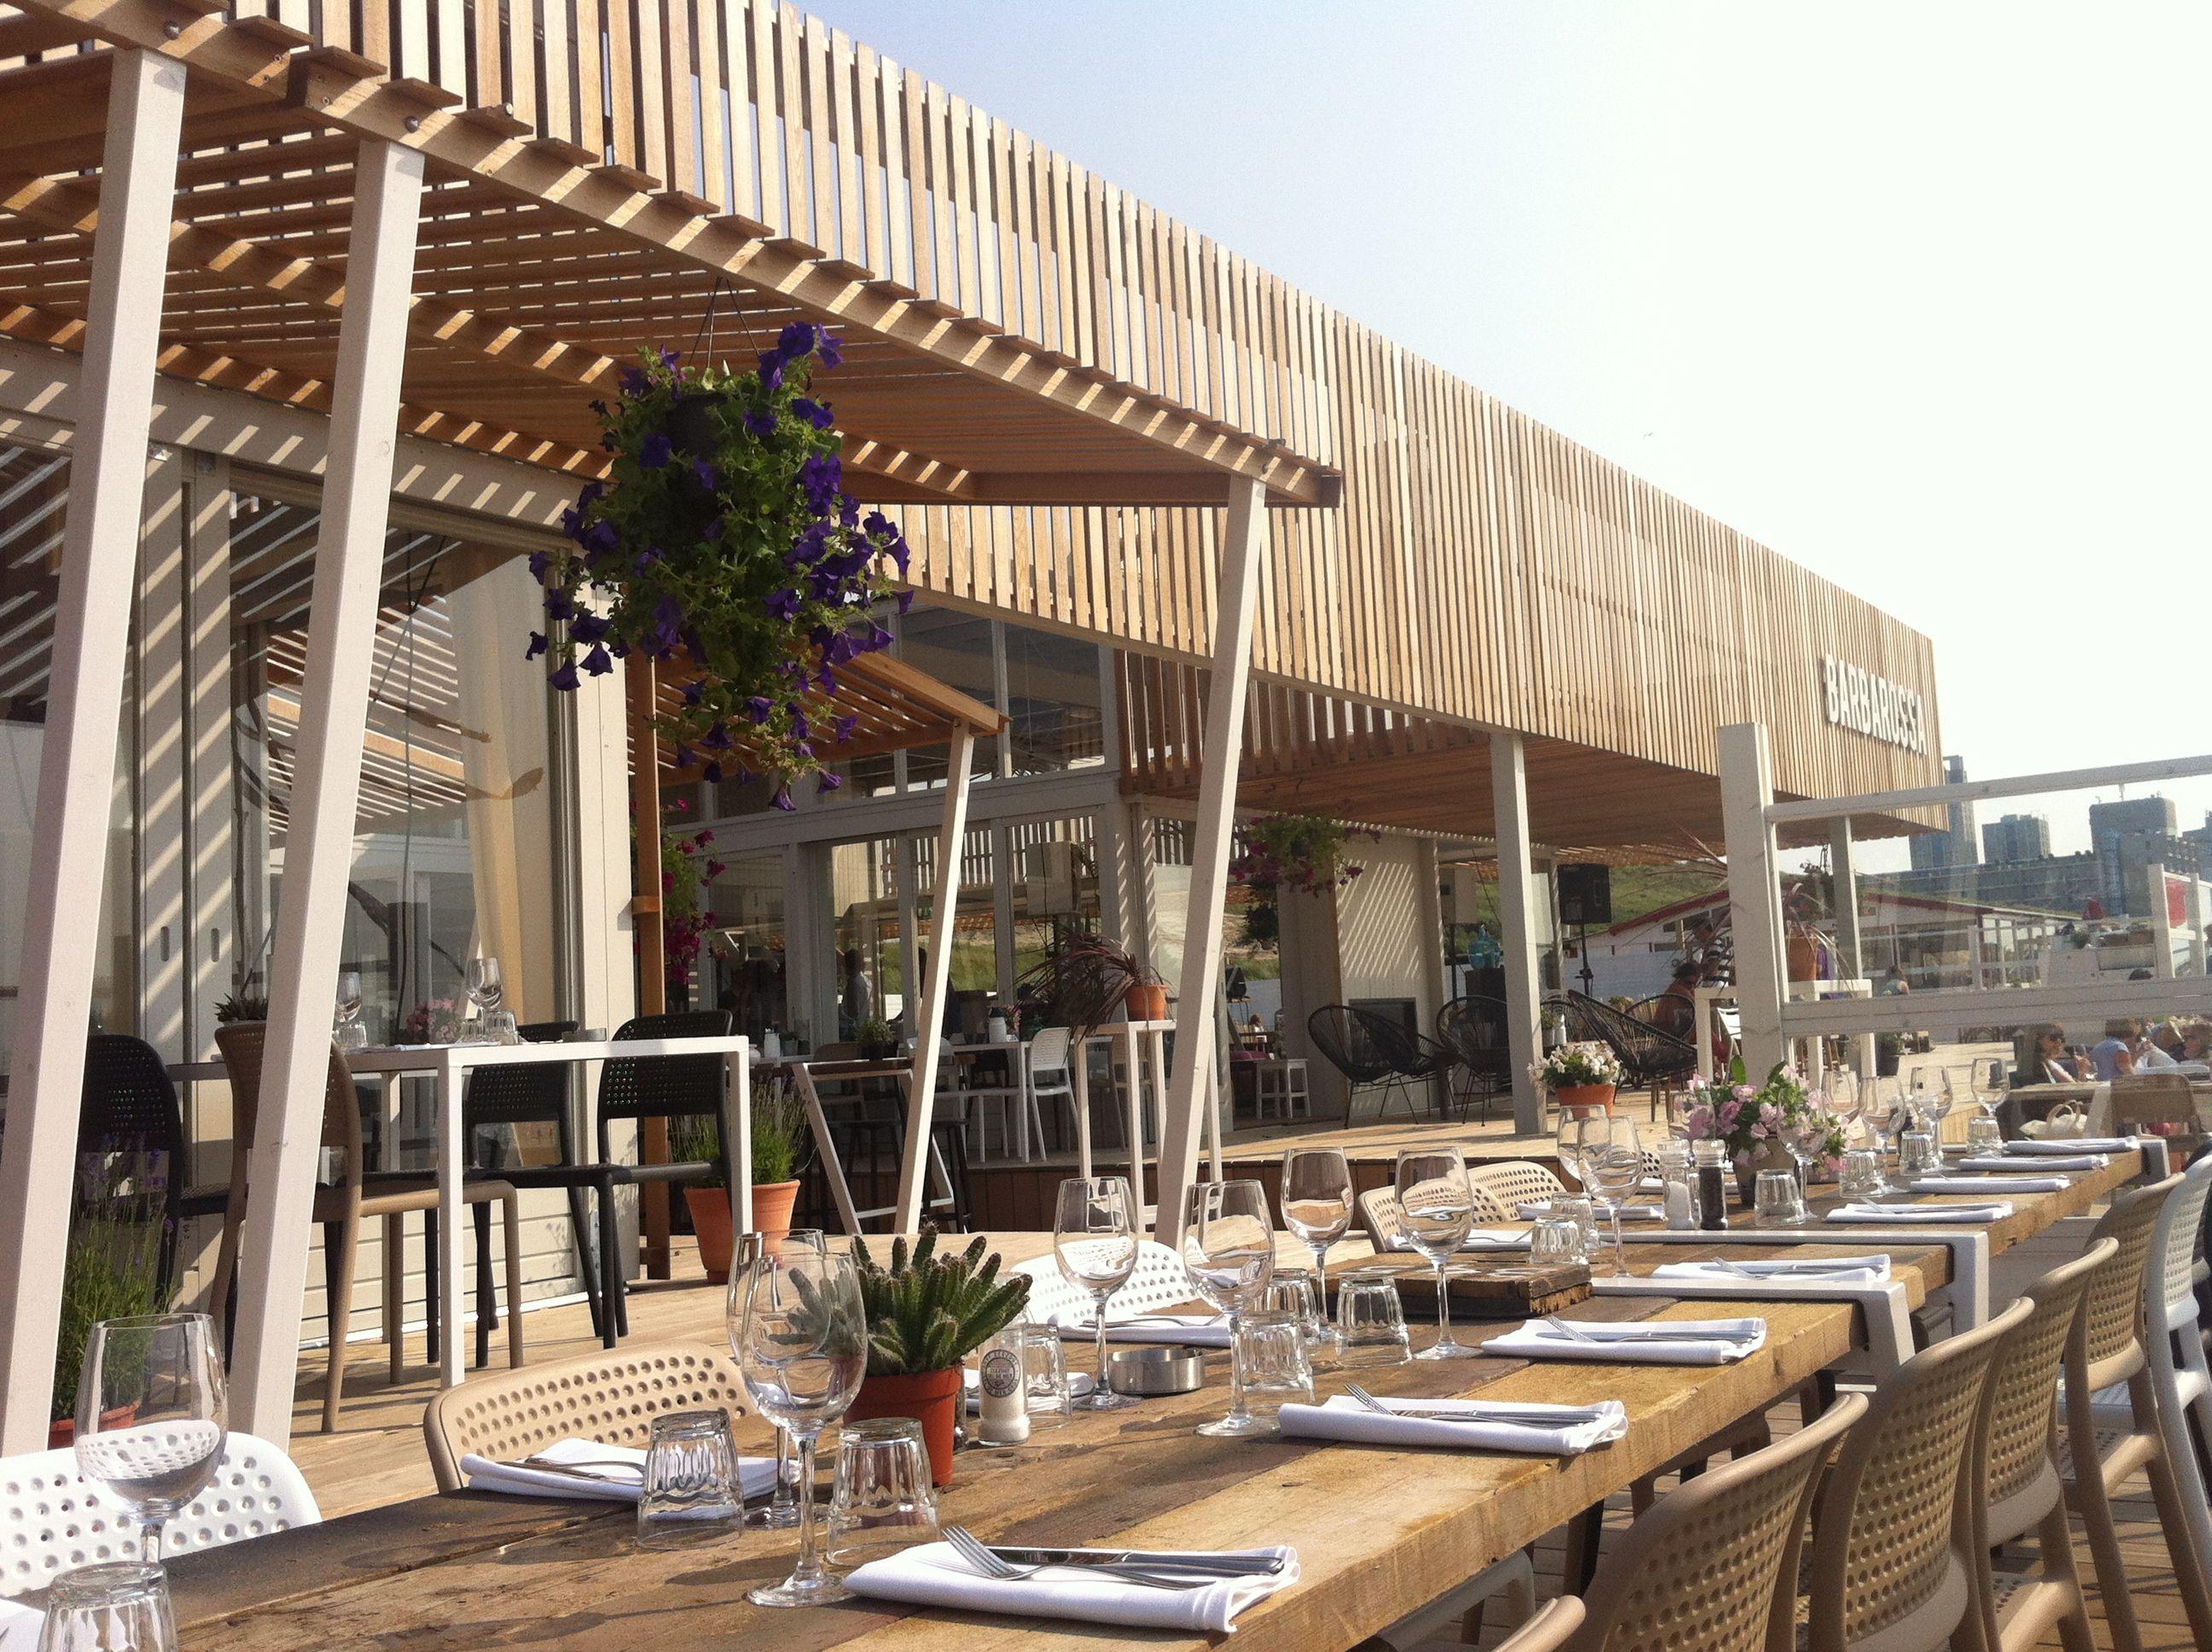 Restaurant exterior architecture - Barbarossa Beachclub Bar Restaurant Scheveningen Strandtent Strandclub Wij Strandweg 1 2586 Jk Scheveningen Telefoon